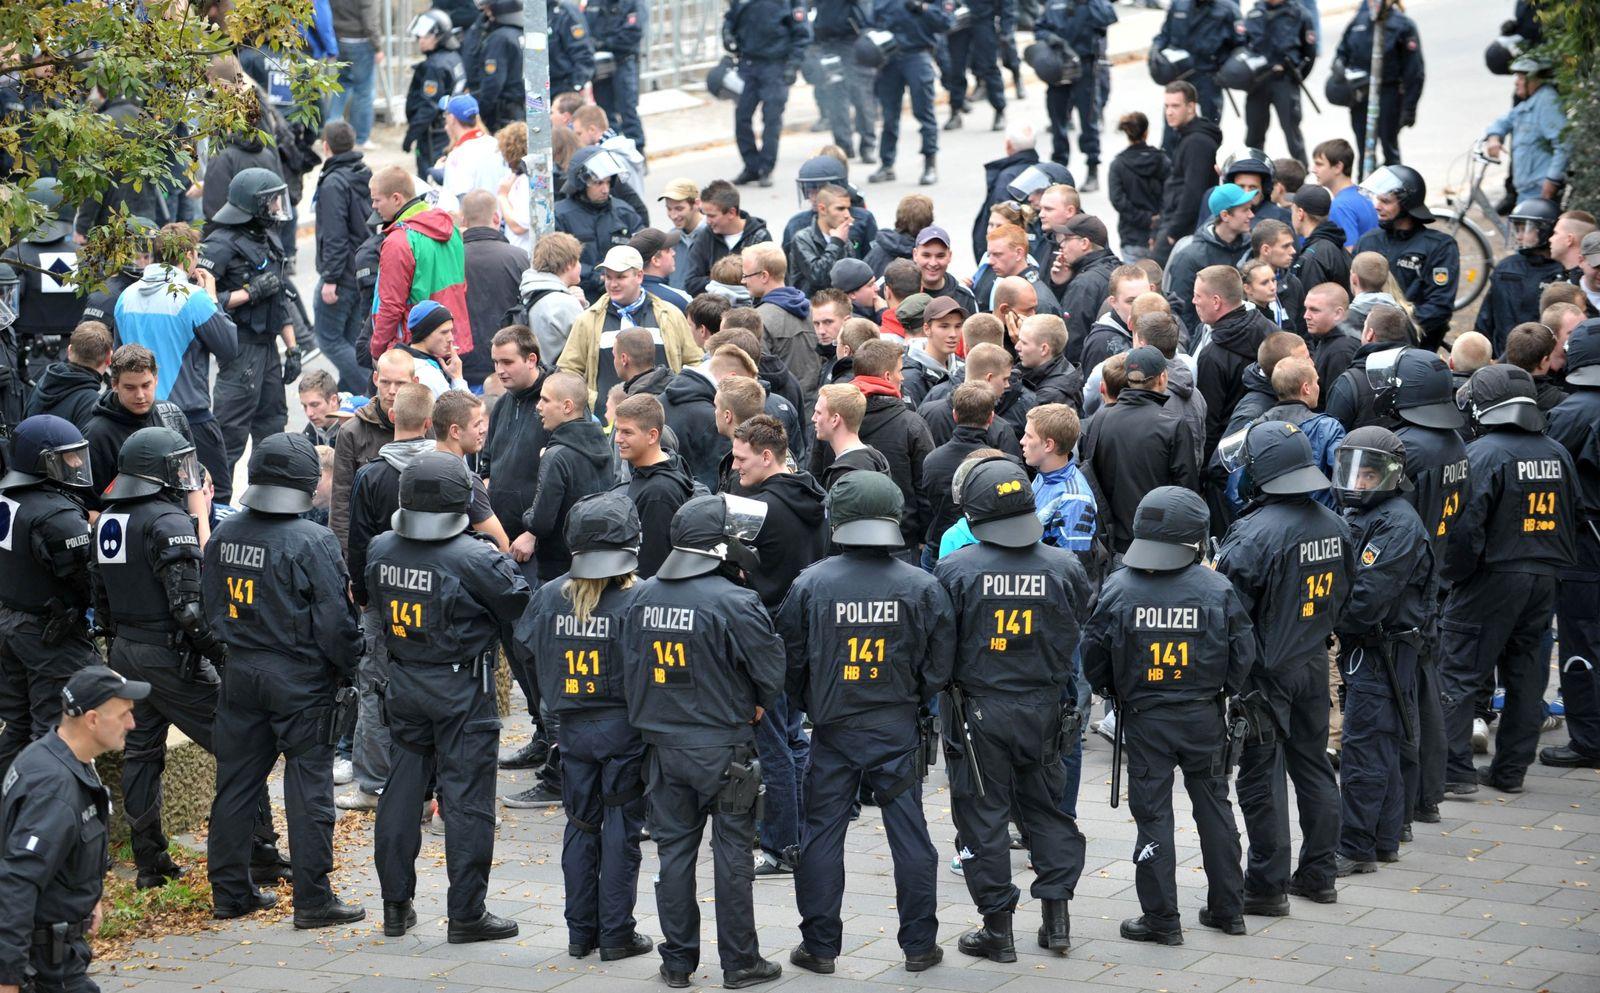 Werder Bremen - Hamburger SV polizei und fans